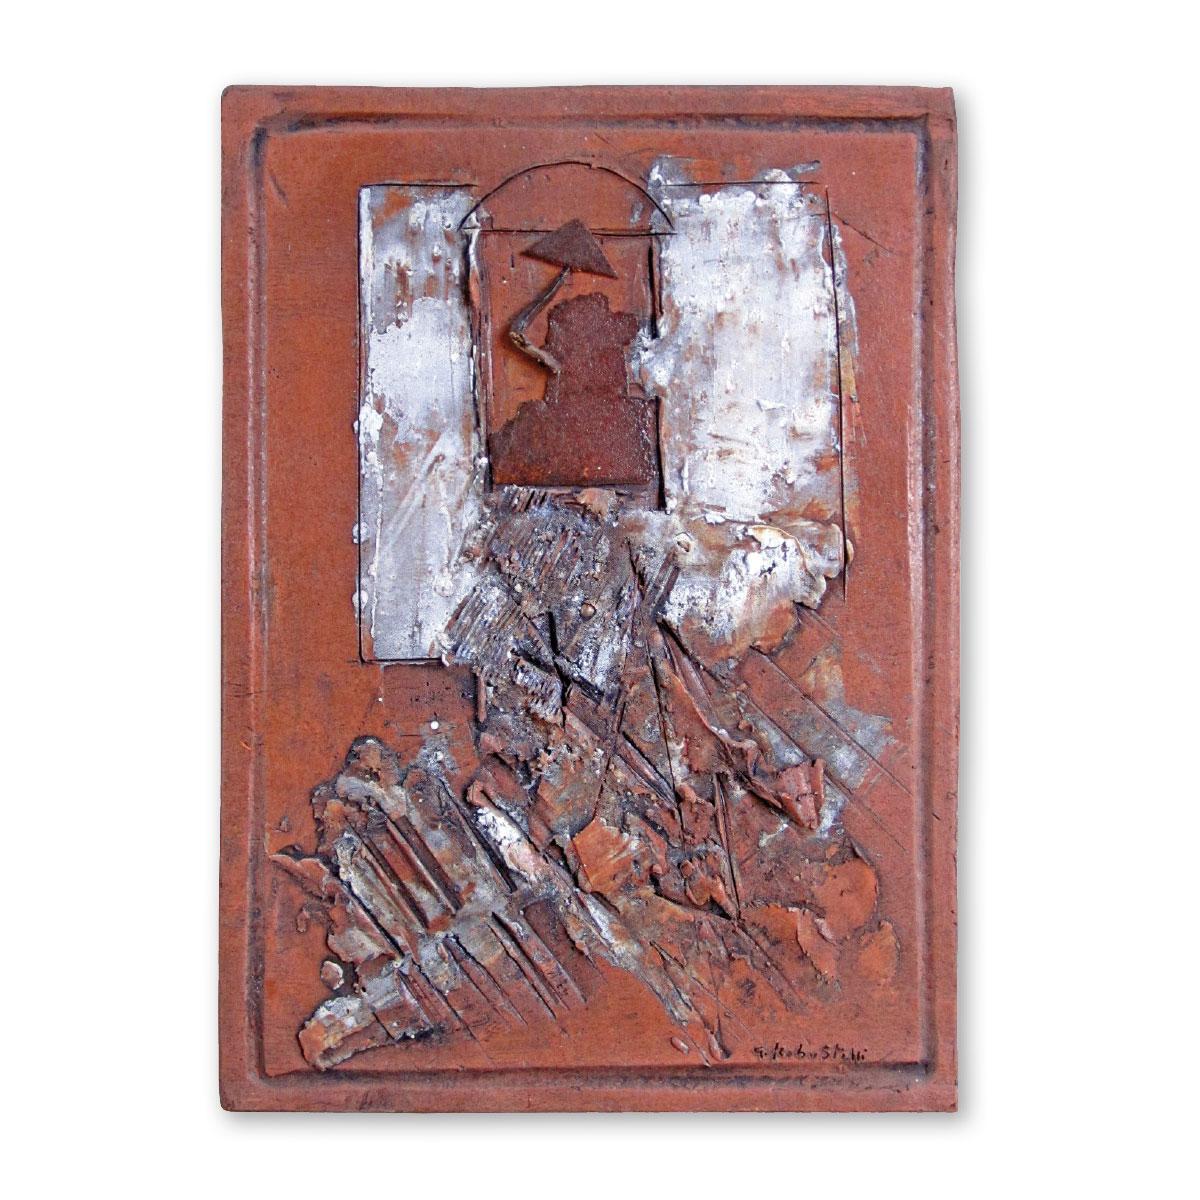 L'opera dell'artista Giorgio Robustelli acquisita dal Museo a cielo aperto di Denice, dedicato alla ceramica contemporanea